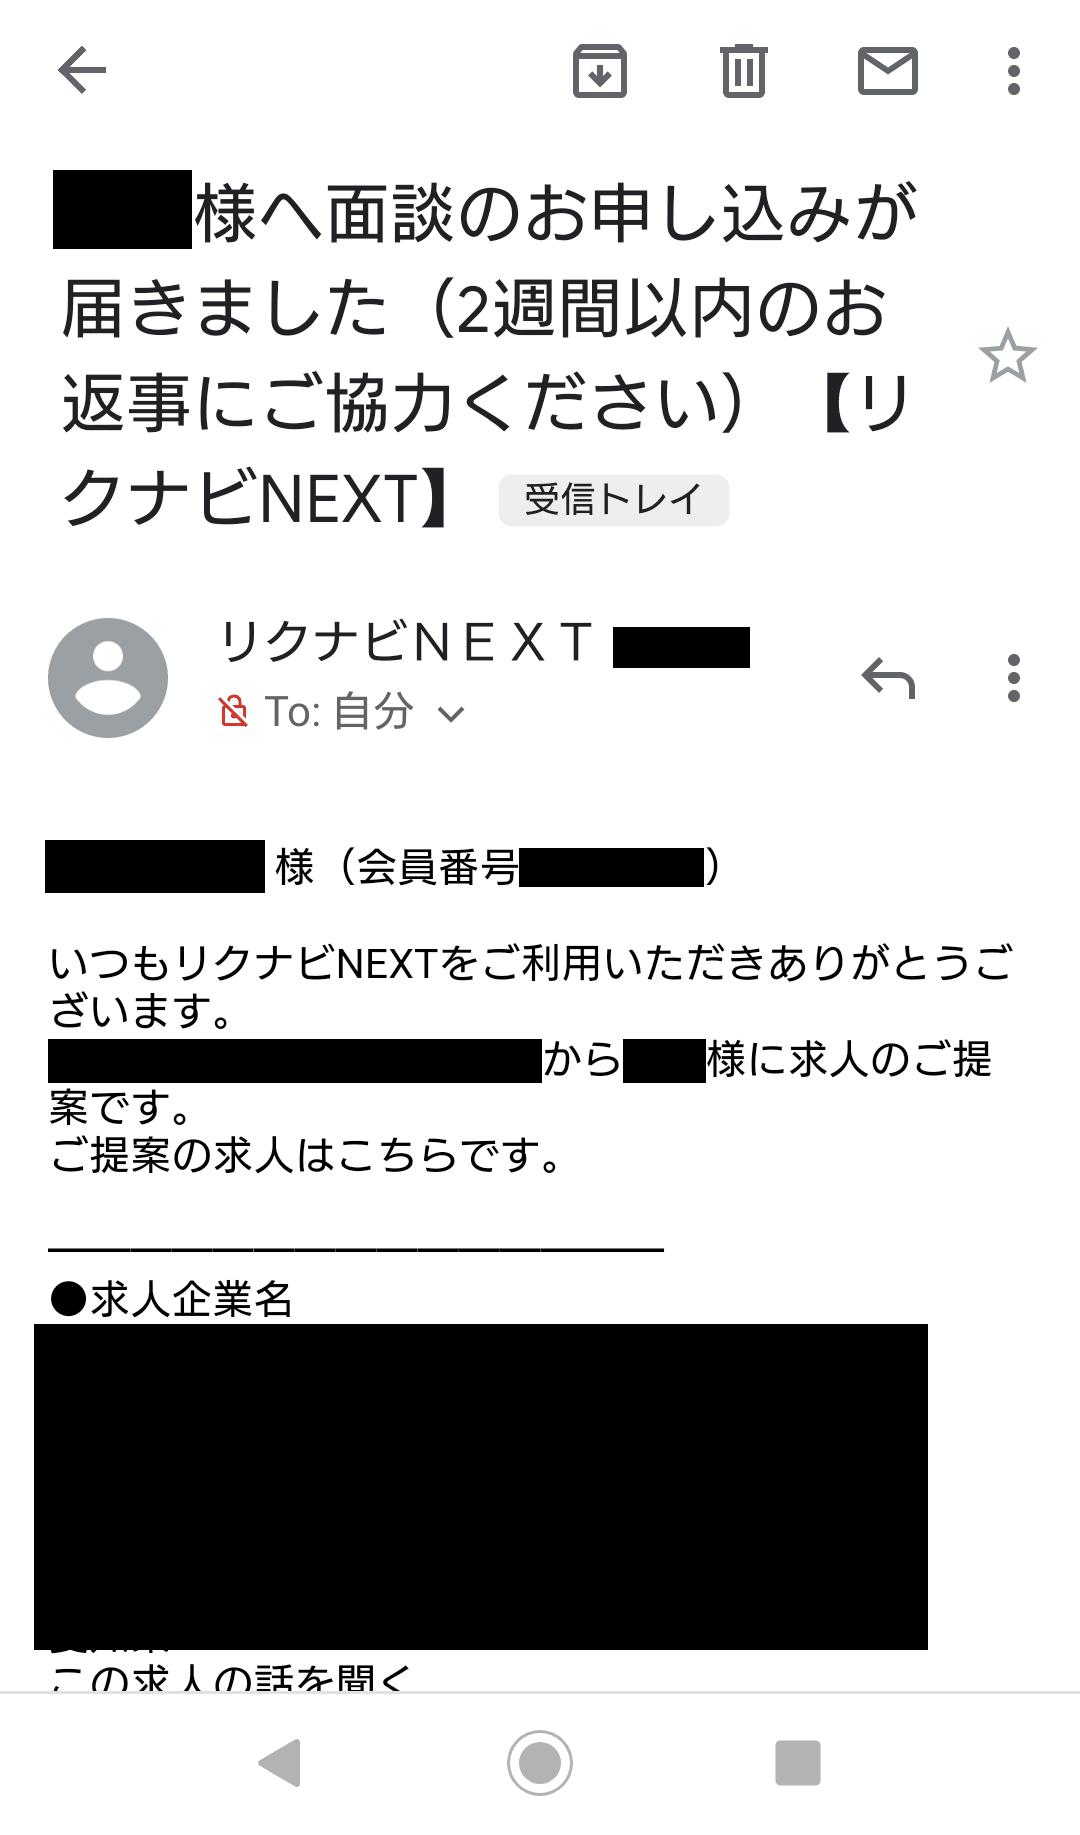 リクナビNEXT